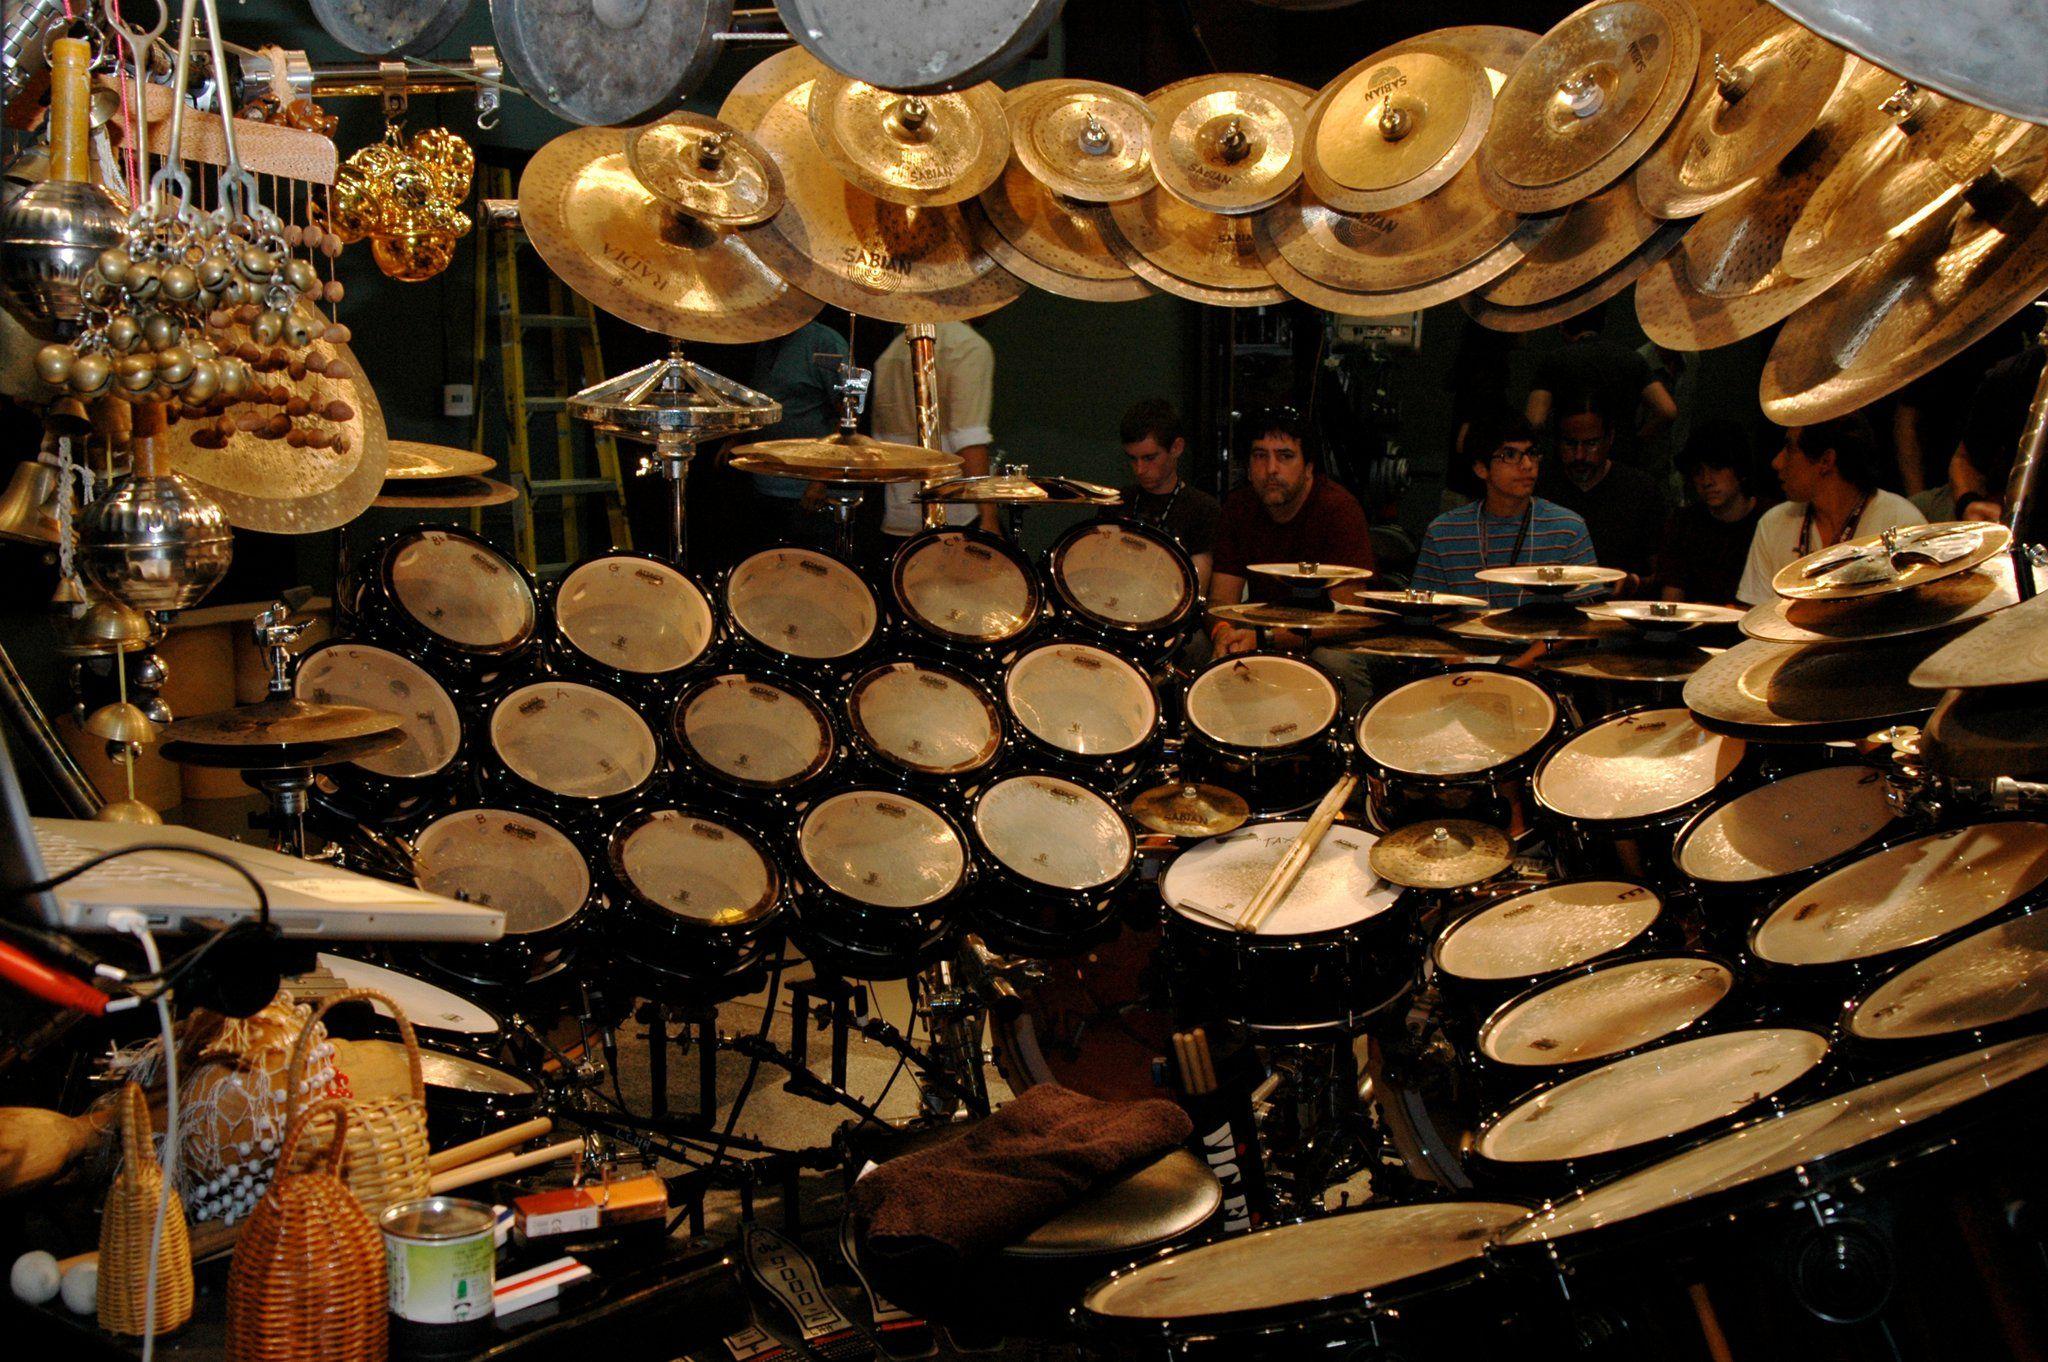 Terry Bozzio Drum Kit INSANEEEEEEEEE KITTTT Hahahha